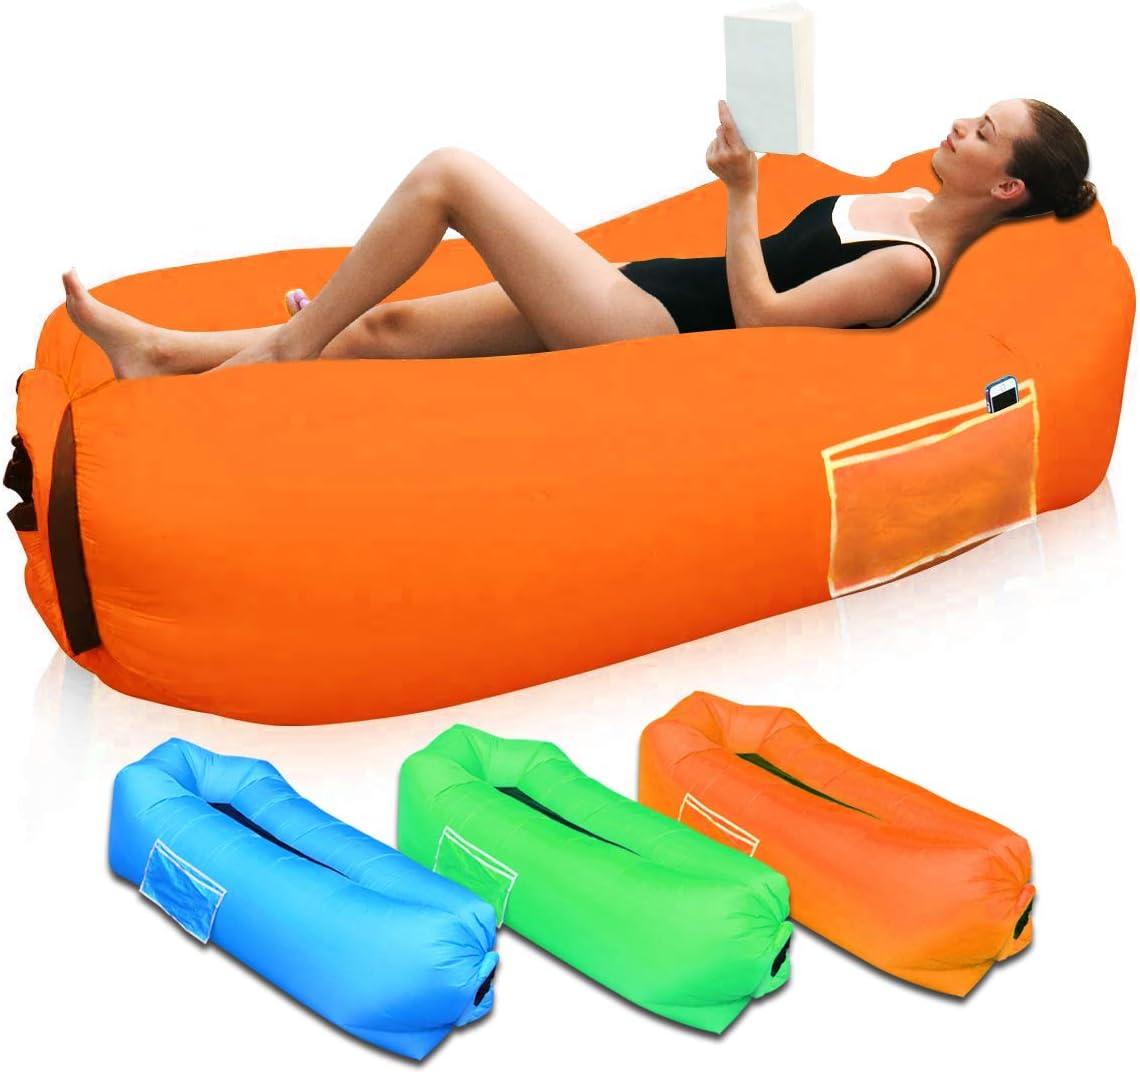 Piscina SUPTEMPO Sof/á Hinchable para Interiores y Exteriores Port/átil Impermeable Sofa Cama Hinchable,Almohada incorporada y Bolsa de Almacenamiento incluida Aire sof/á para Playa,Camping,Viajes